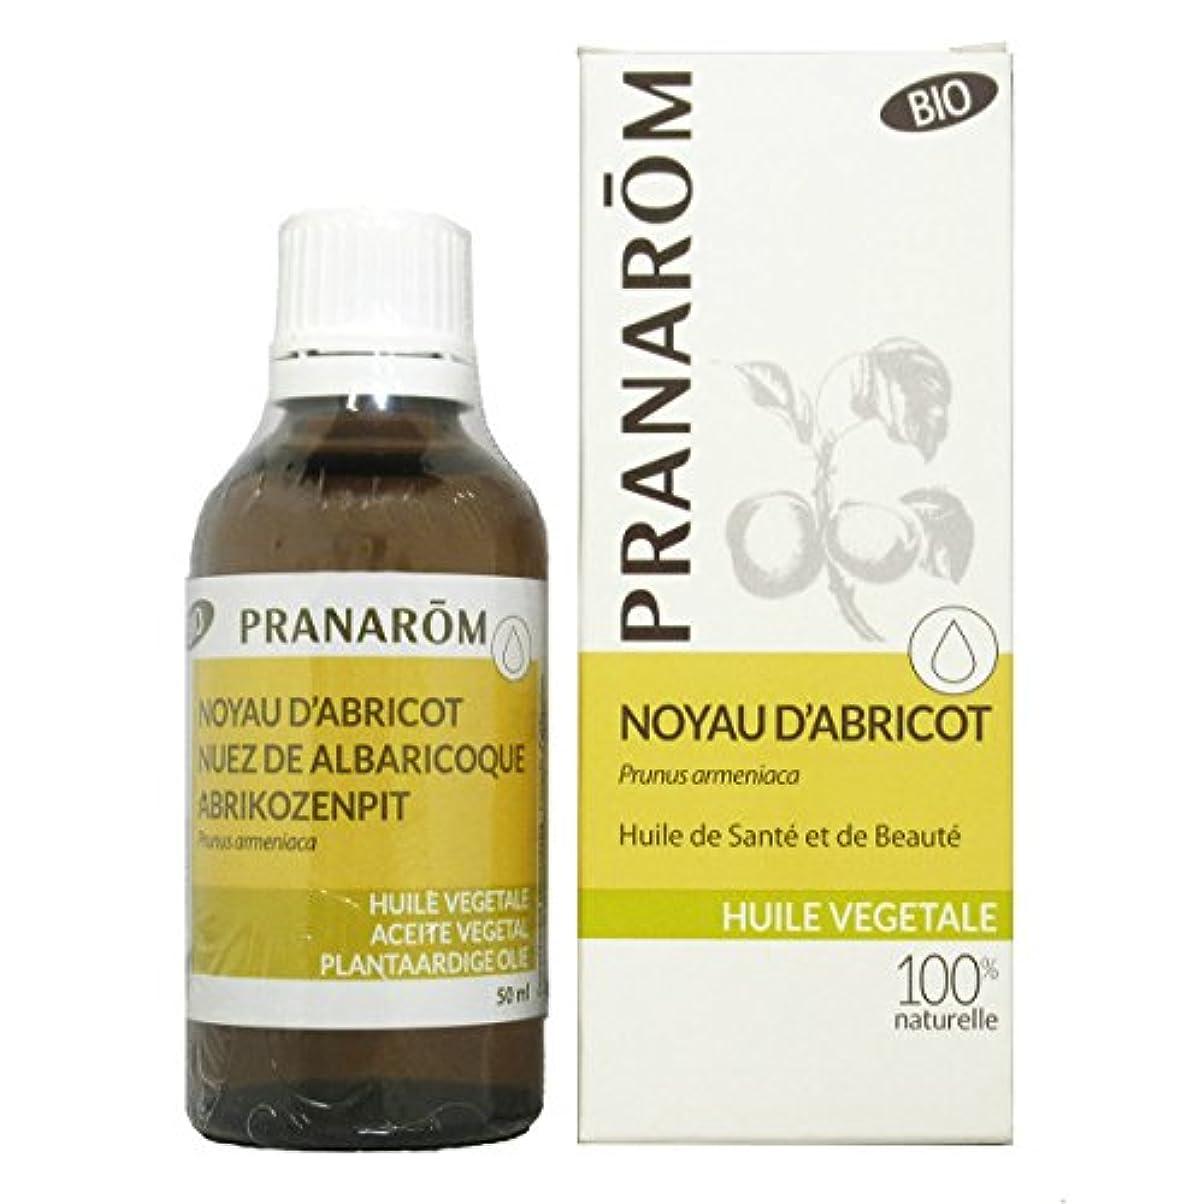 生物学オプショナルイタリックプラナロム アプリコットオイル 50ml (PRANAROM 植物油)